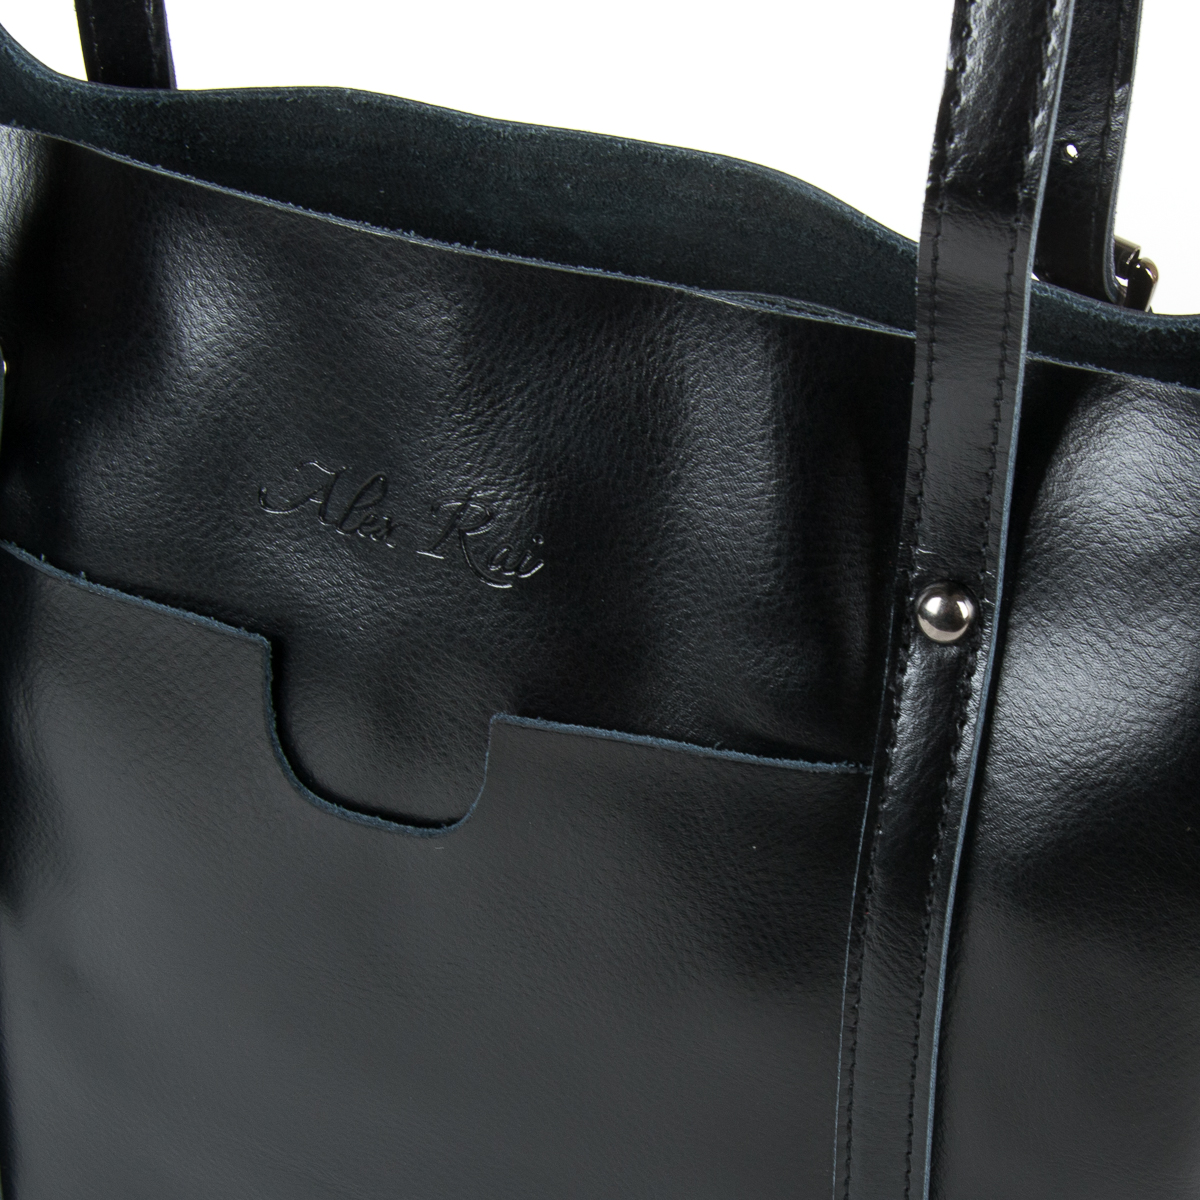 Сумка Женская Классическая кожа ALEX RAI 9-01 1535 black - фото 3